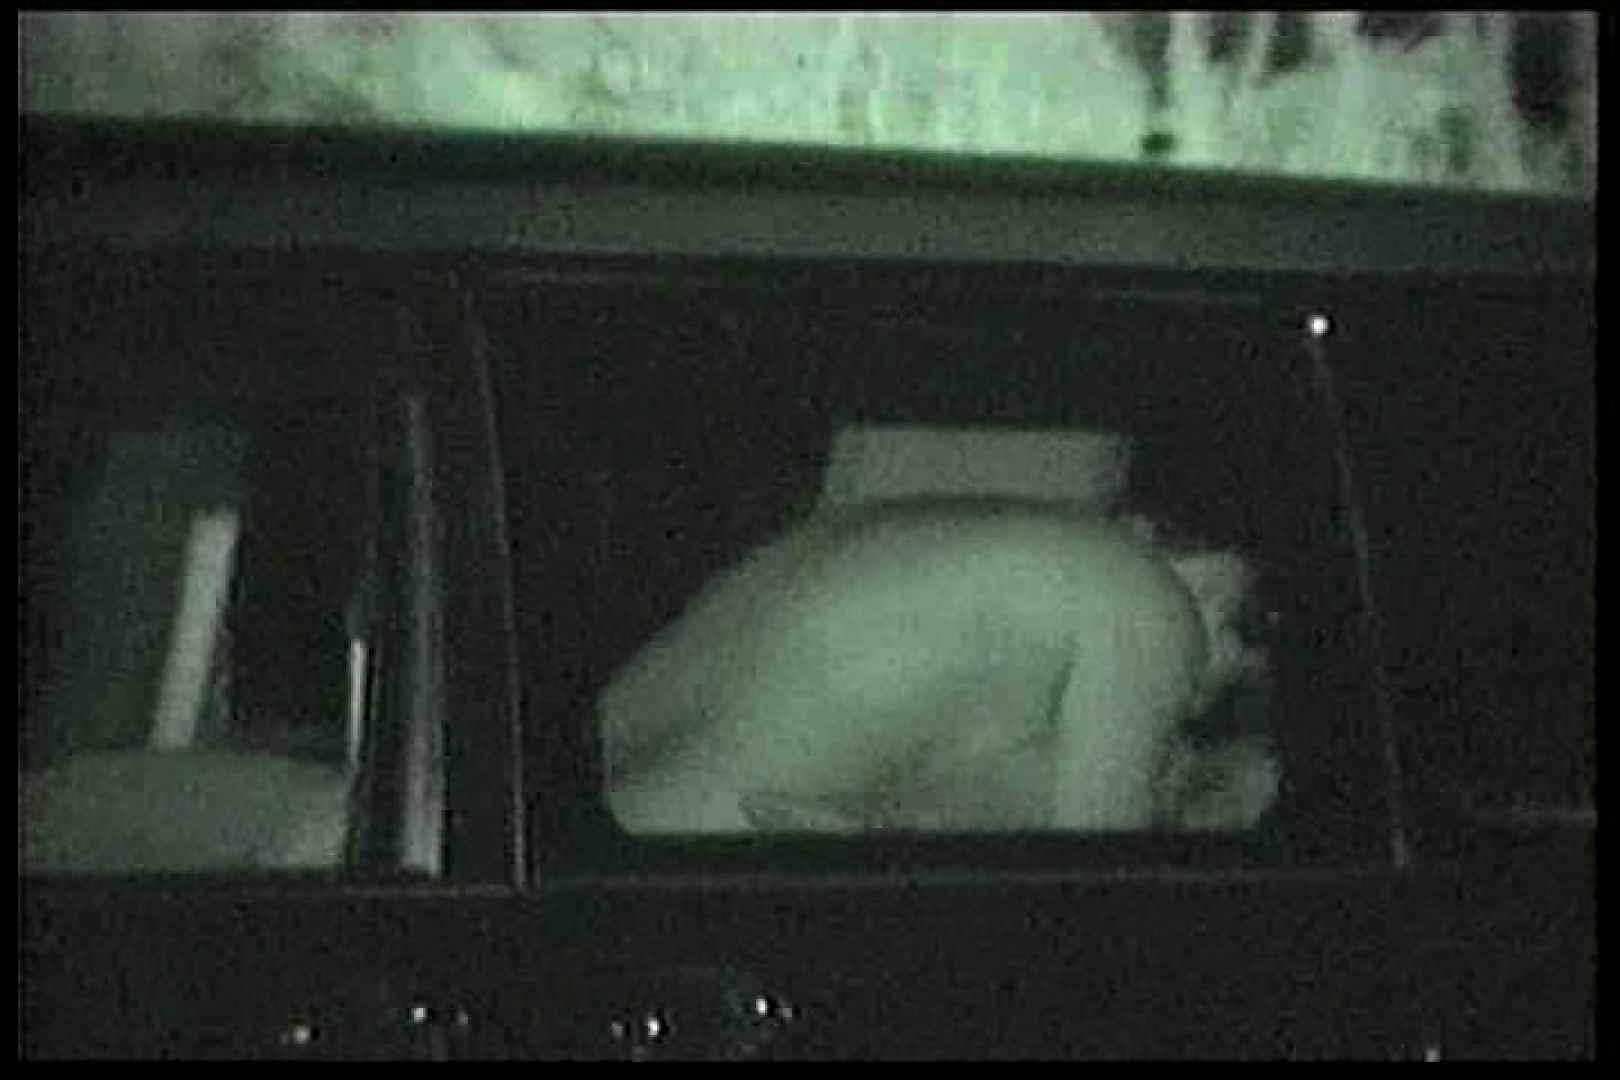 車の中はラブホテル 無修正版  Vol.11 車 おめこ無修正動画無料 18pic 11